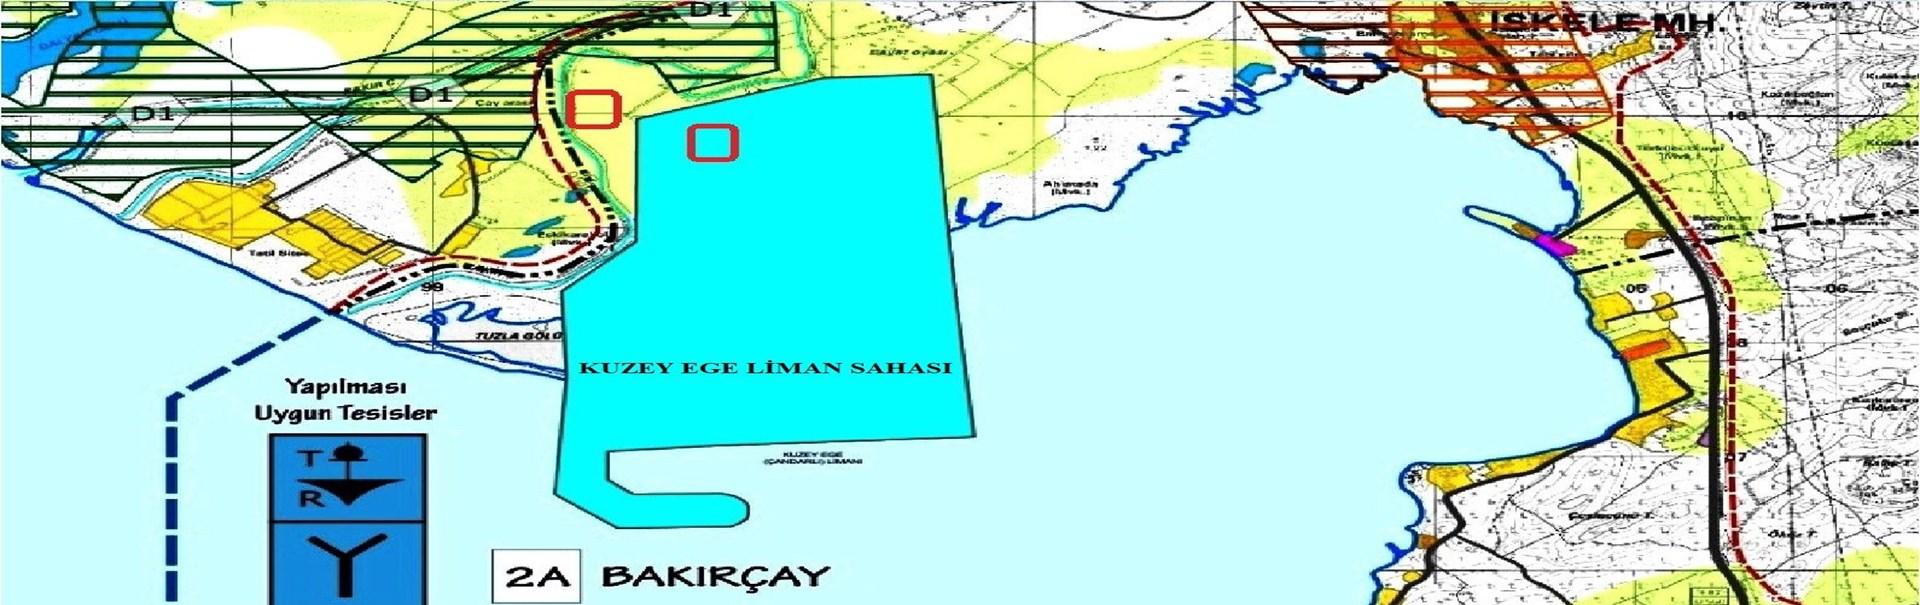 Kuzey Ege Limanı'nda Arsa Yatırım Fırsatı !